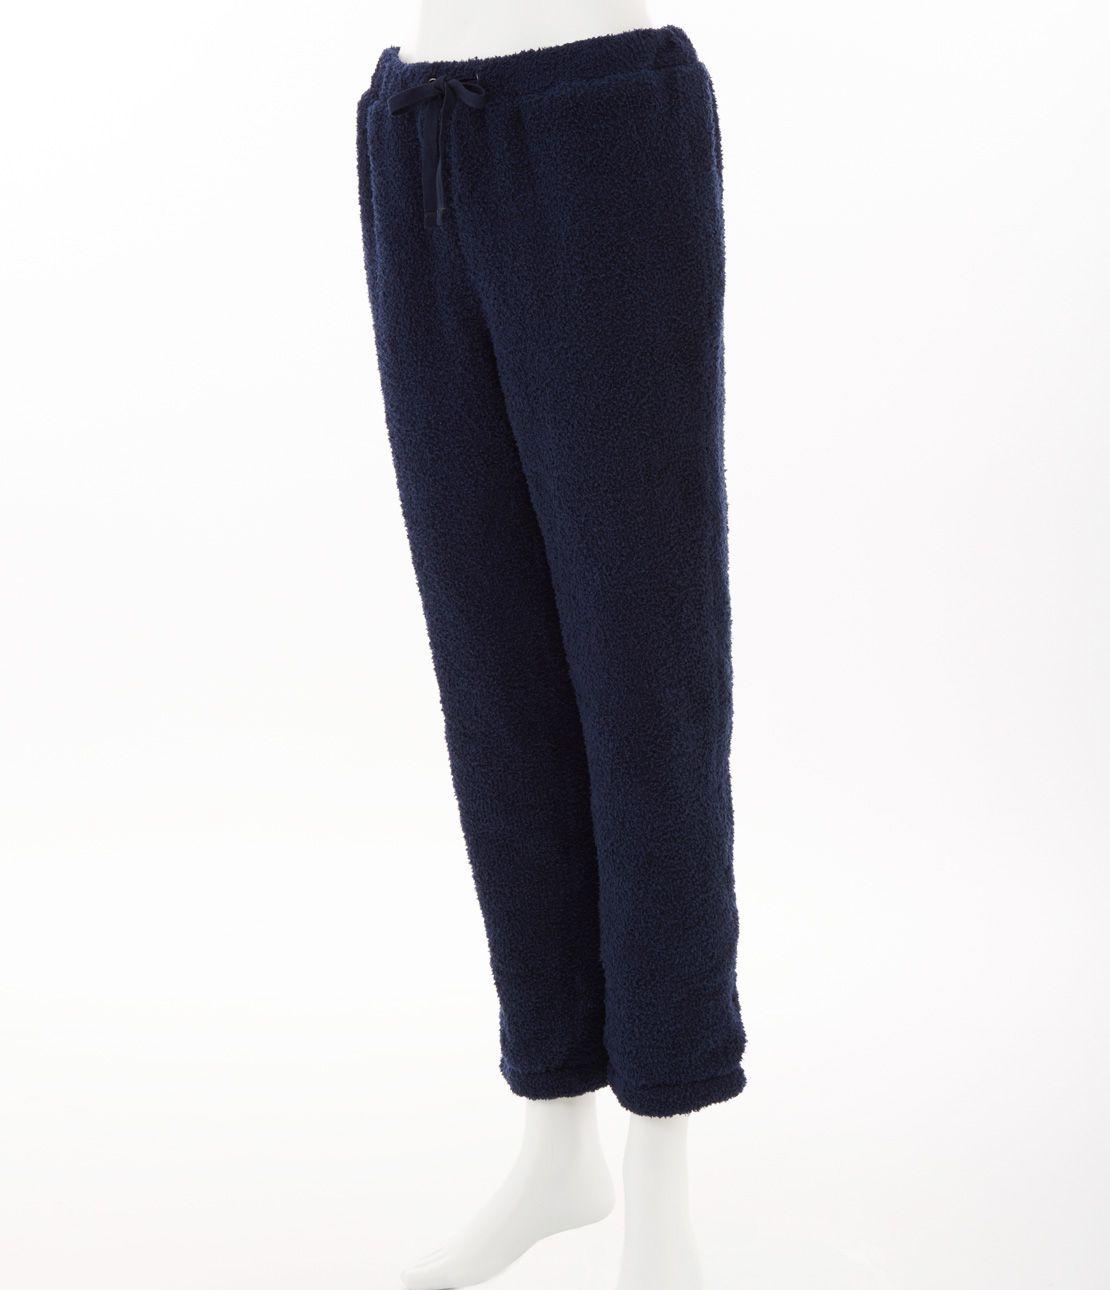 Saunawhipley pants